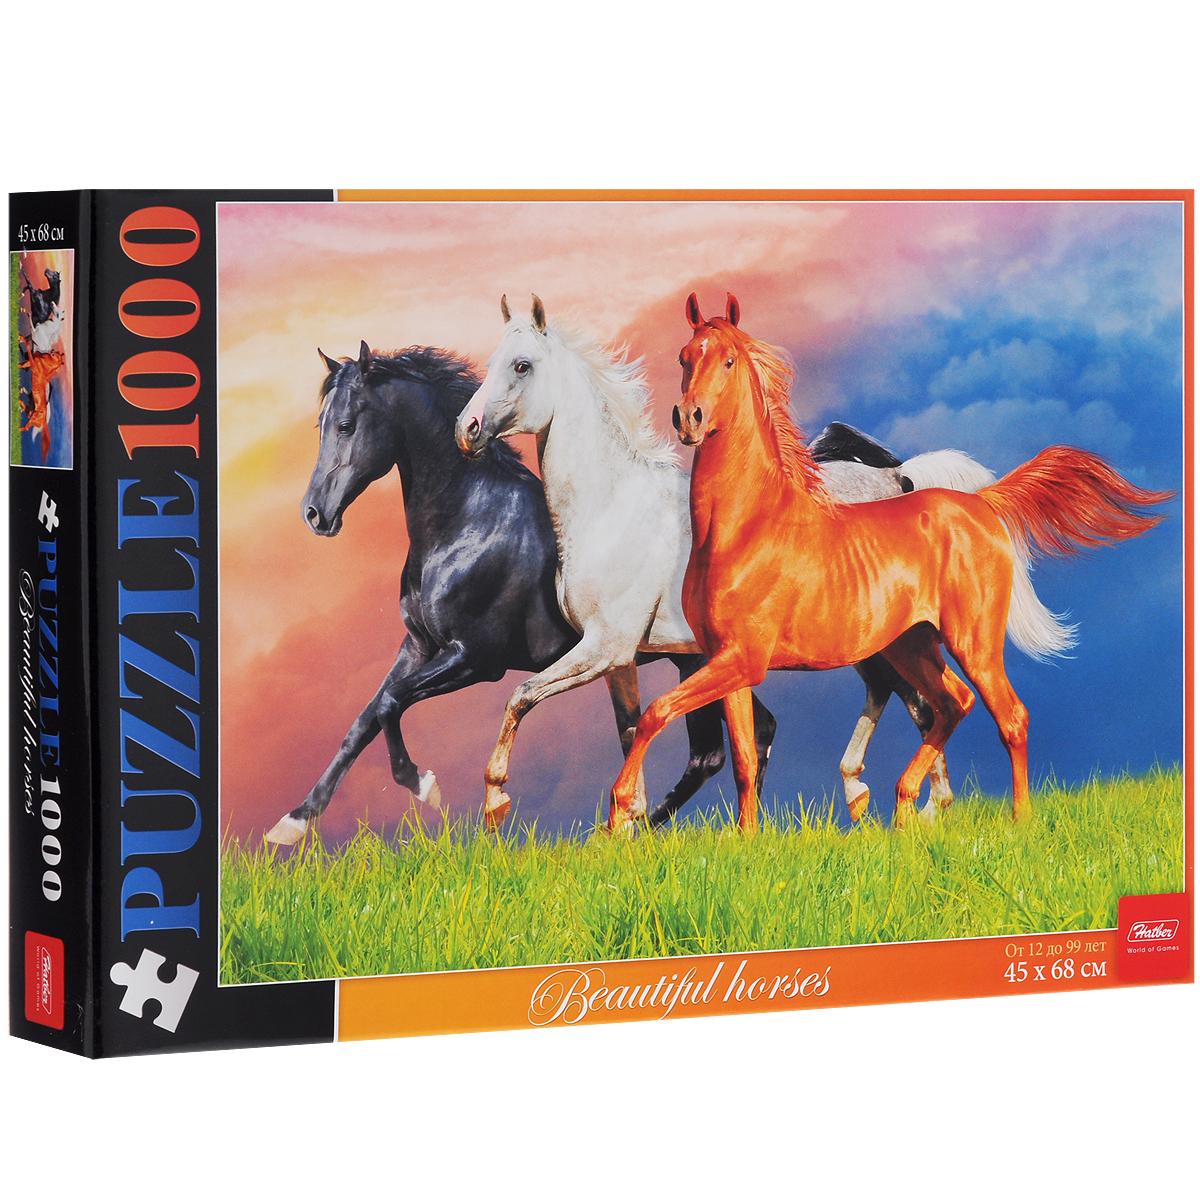 Красивые лошади. Пазл, 1000 элементов1000ПЗ2_13357Пазл Красивые лошади, без сомнения, придется по душе вам и вашему ребенку. Собрав этот пазл, включающий 1000 элементов, вы получите яркую, реалистичную картинку с изображением любимых лошадей, которые своей изящностью и грацией привлекают всех нас. Пазлы - замечательная игра для всей семьи. Сегодня собирание пазлов стало особенно популярным, главным образом, благодаря своей многообразной тематике, способной удовлетворить самый взыскательный вкус. Собирание пазла развивает у детей мелкую моторику рук, тренирует наблюдательность, логическое мышление, знакомит с окружающим миром, с цветом и разнообразными формами, учит усидчивости и терпению, аккуратности и вниманию. Получившееся яркое изображение станет отличным украшением вашего интерьера.